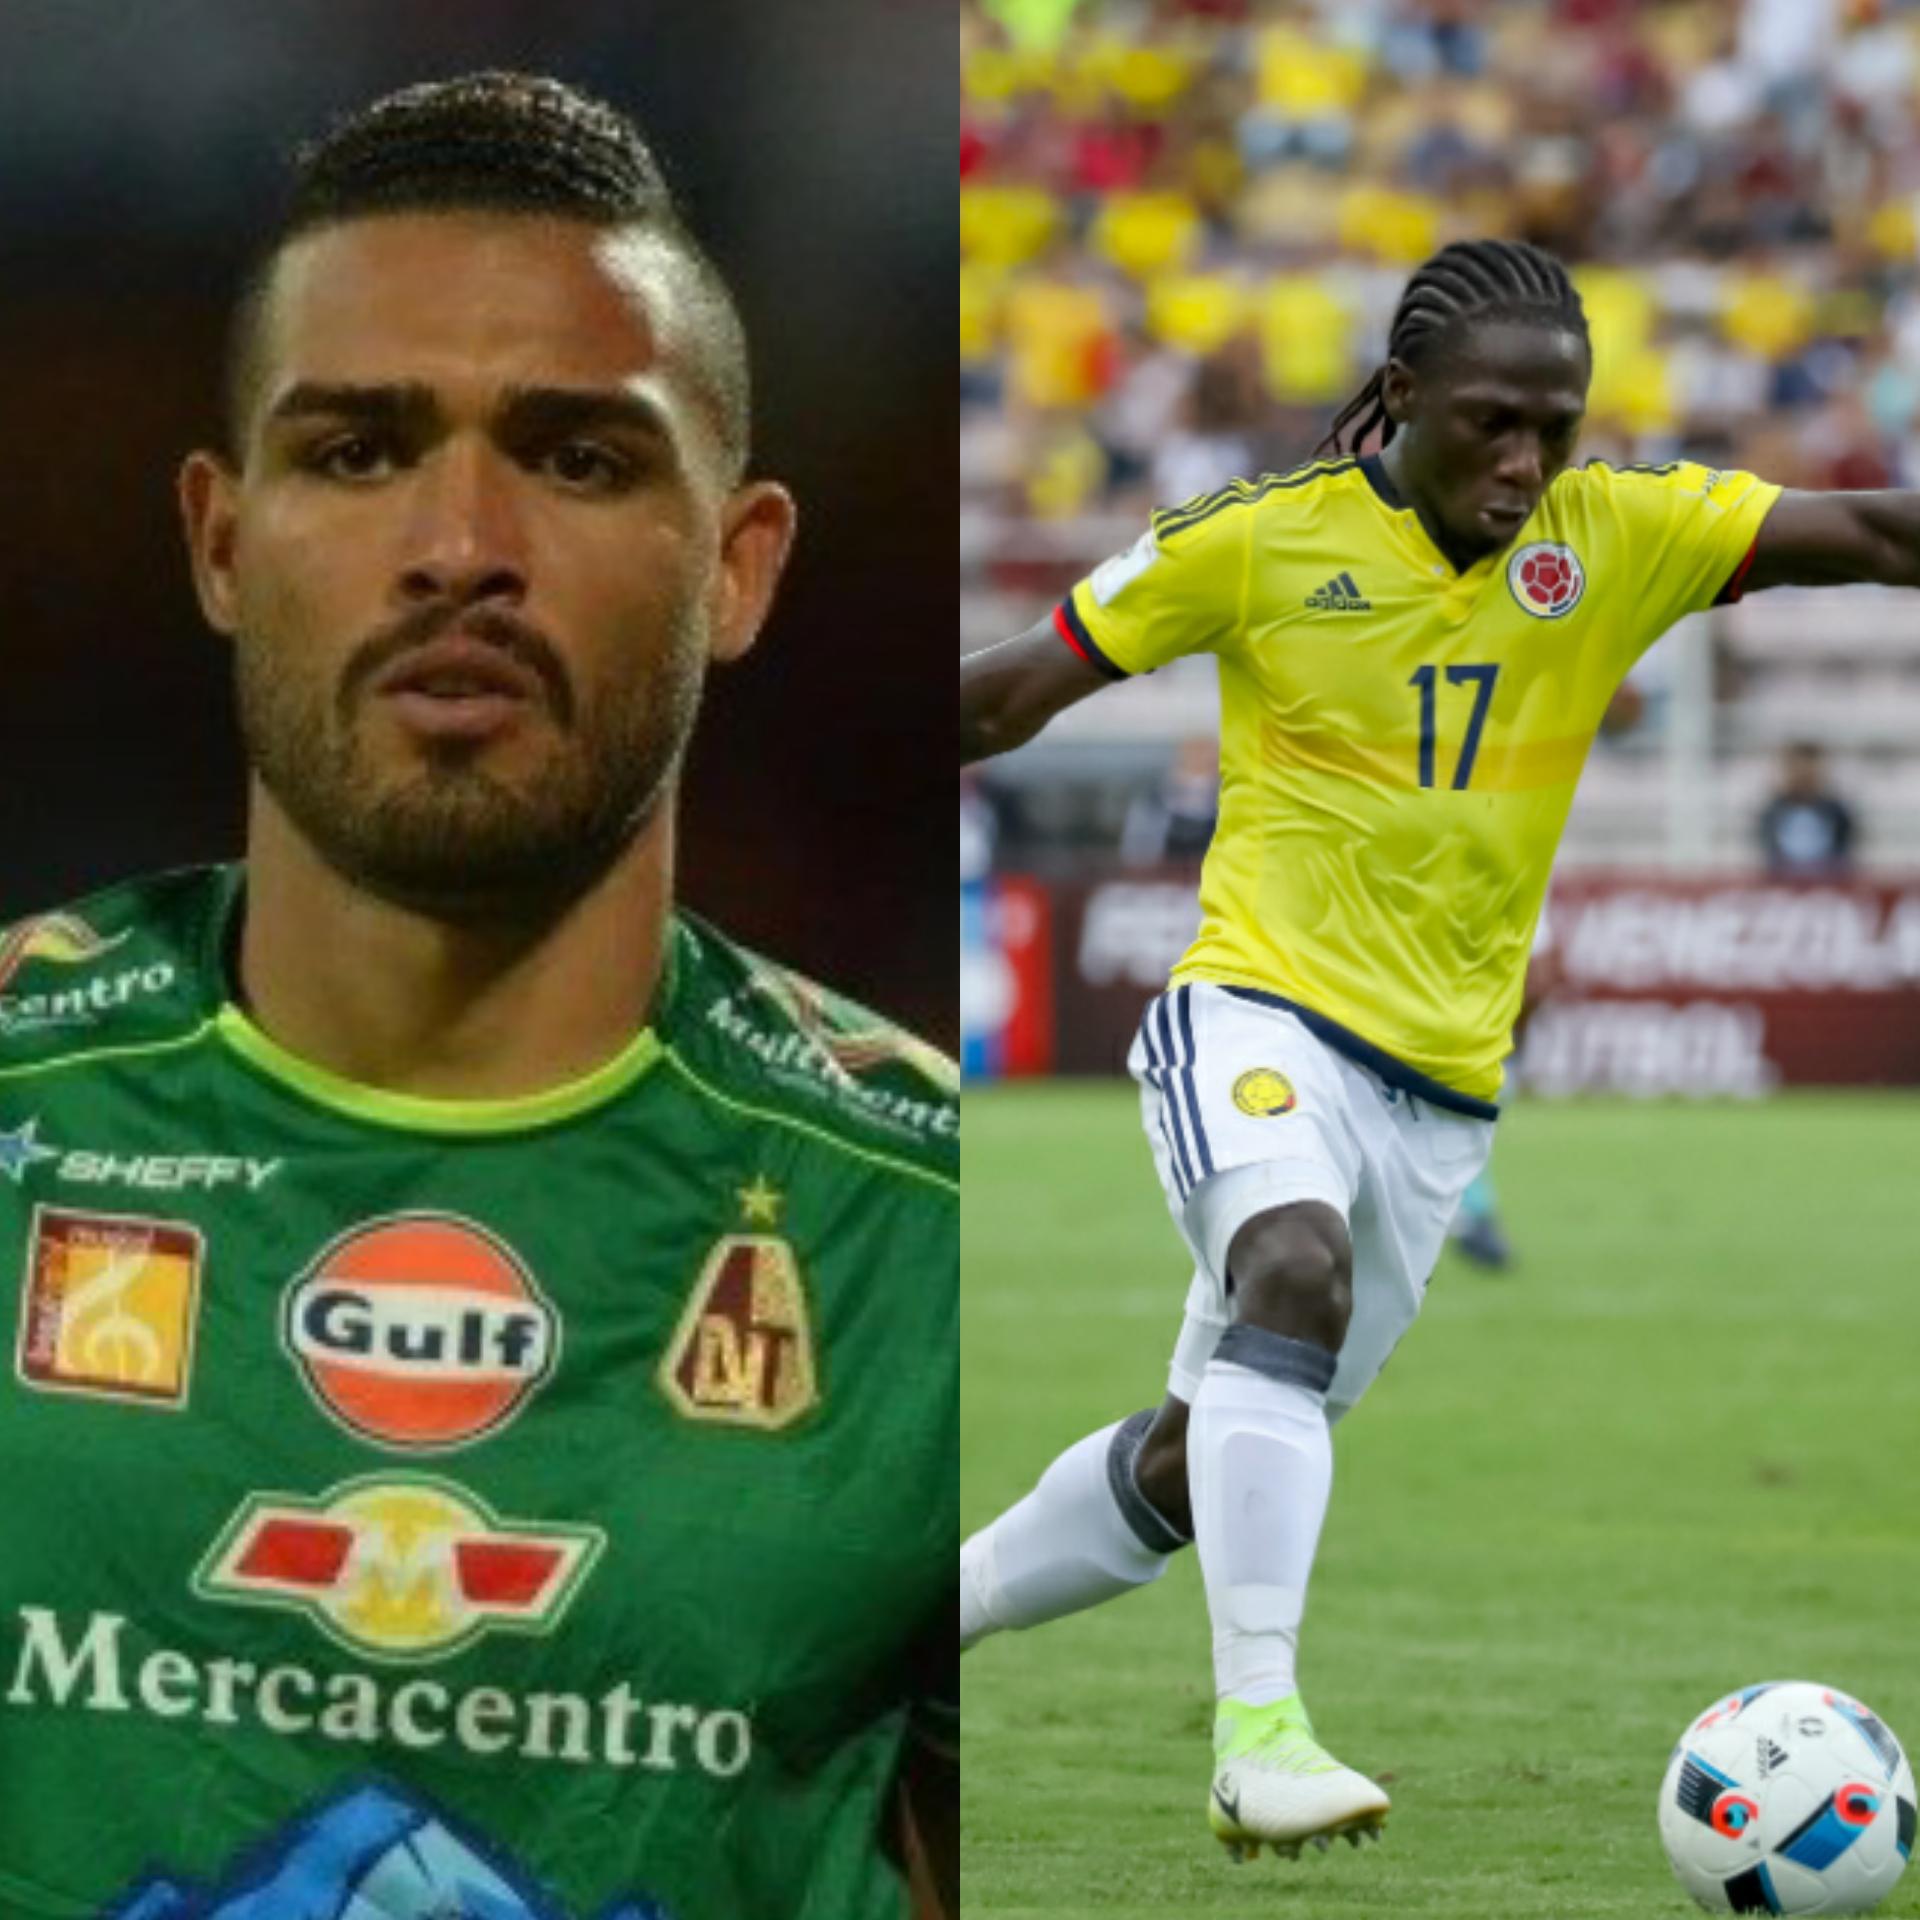 Tras lesiones de Quintero y Ospina, Álvaro Montero y Yimmi Chará convocados por el D.T Carlos Queiroz